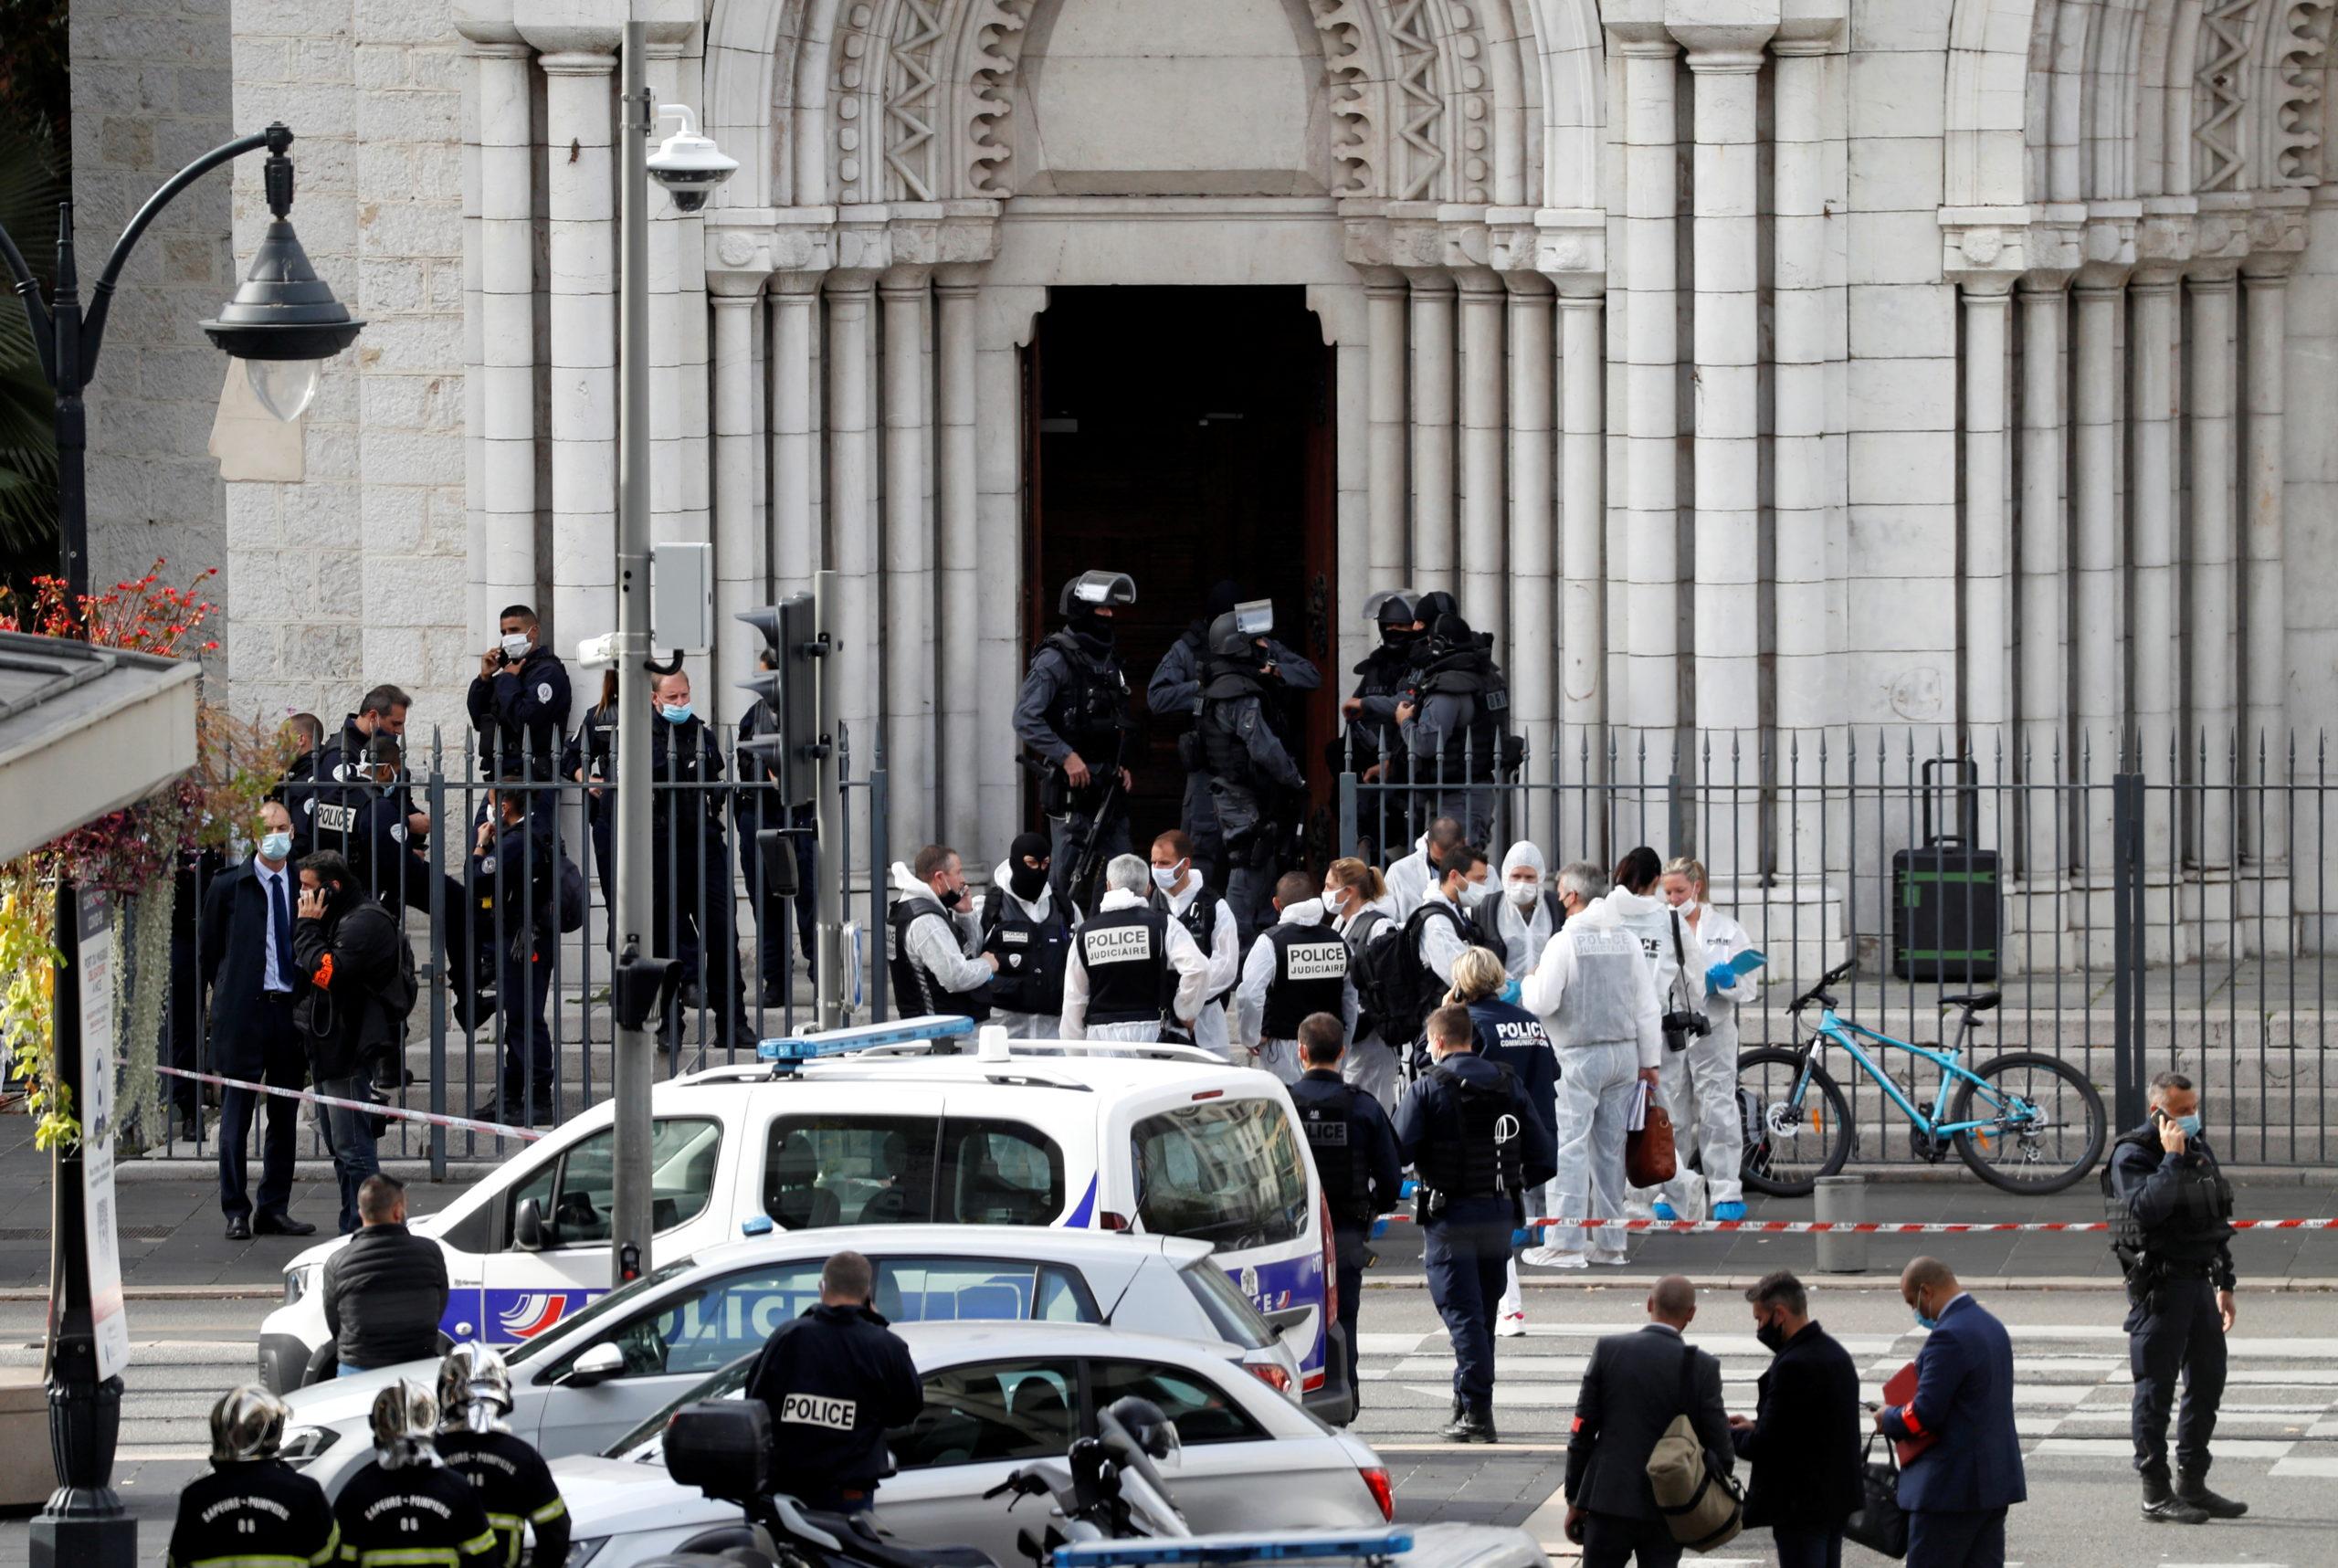 France: Trois morts dans une attaque présumée terroriste à l'arme blanche à Nice